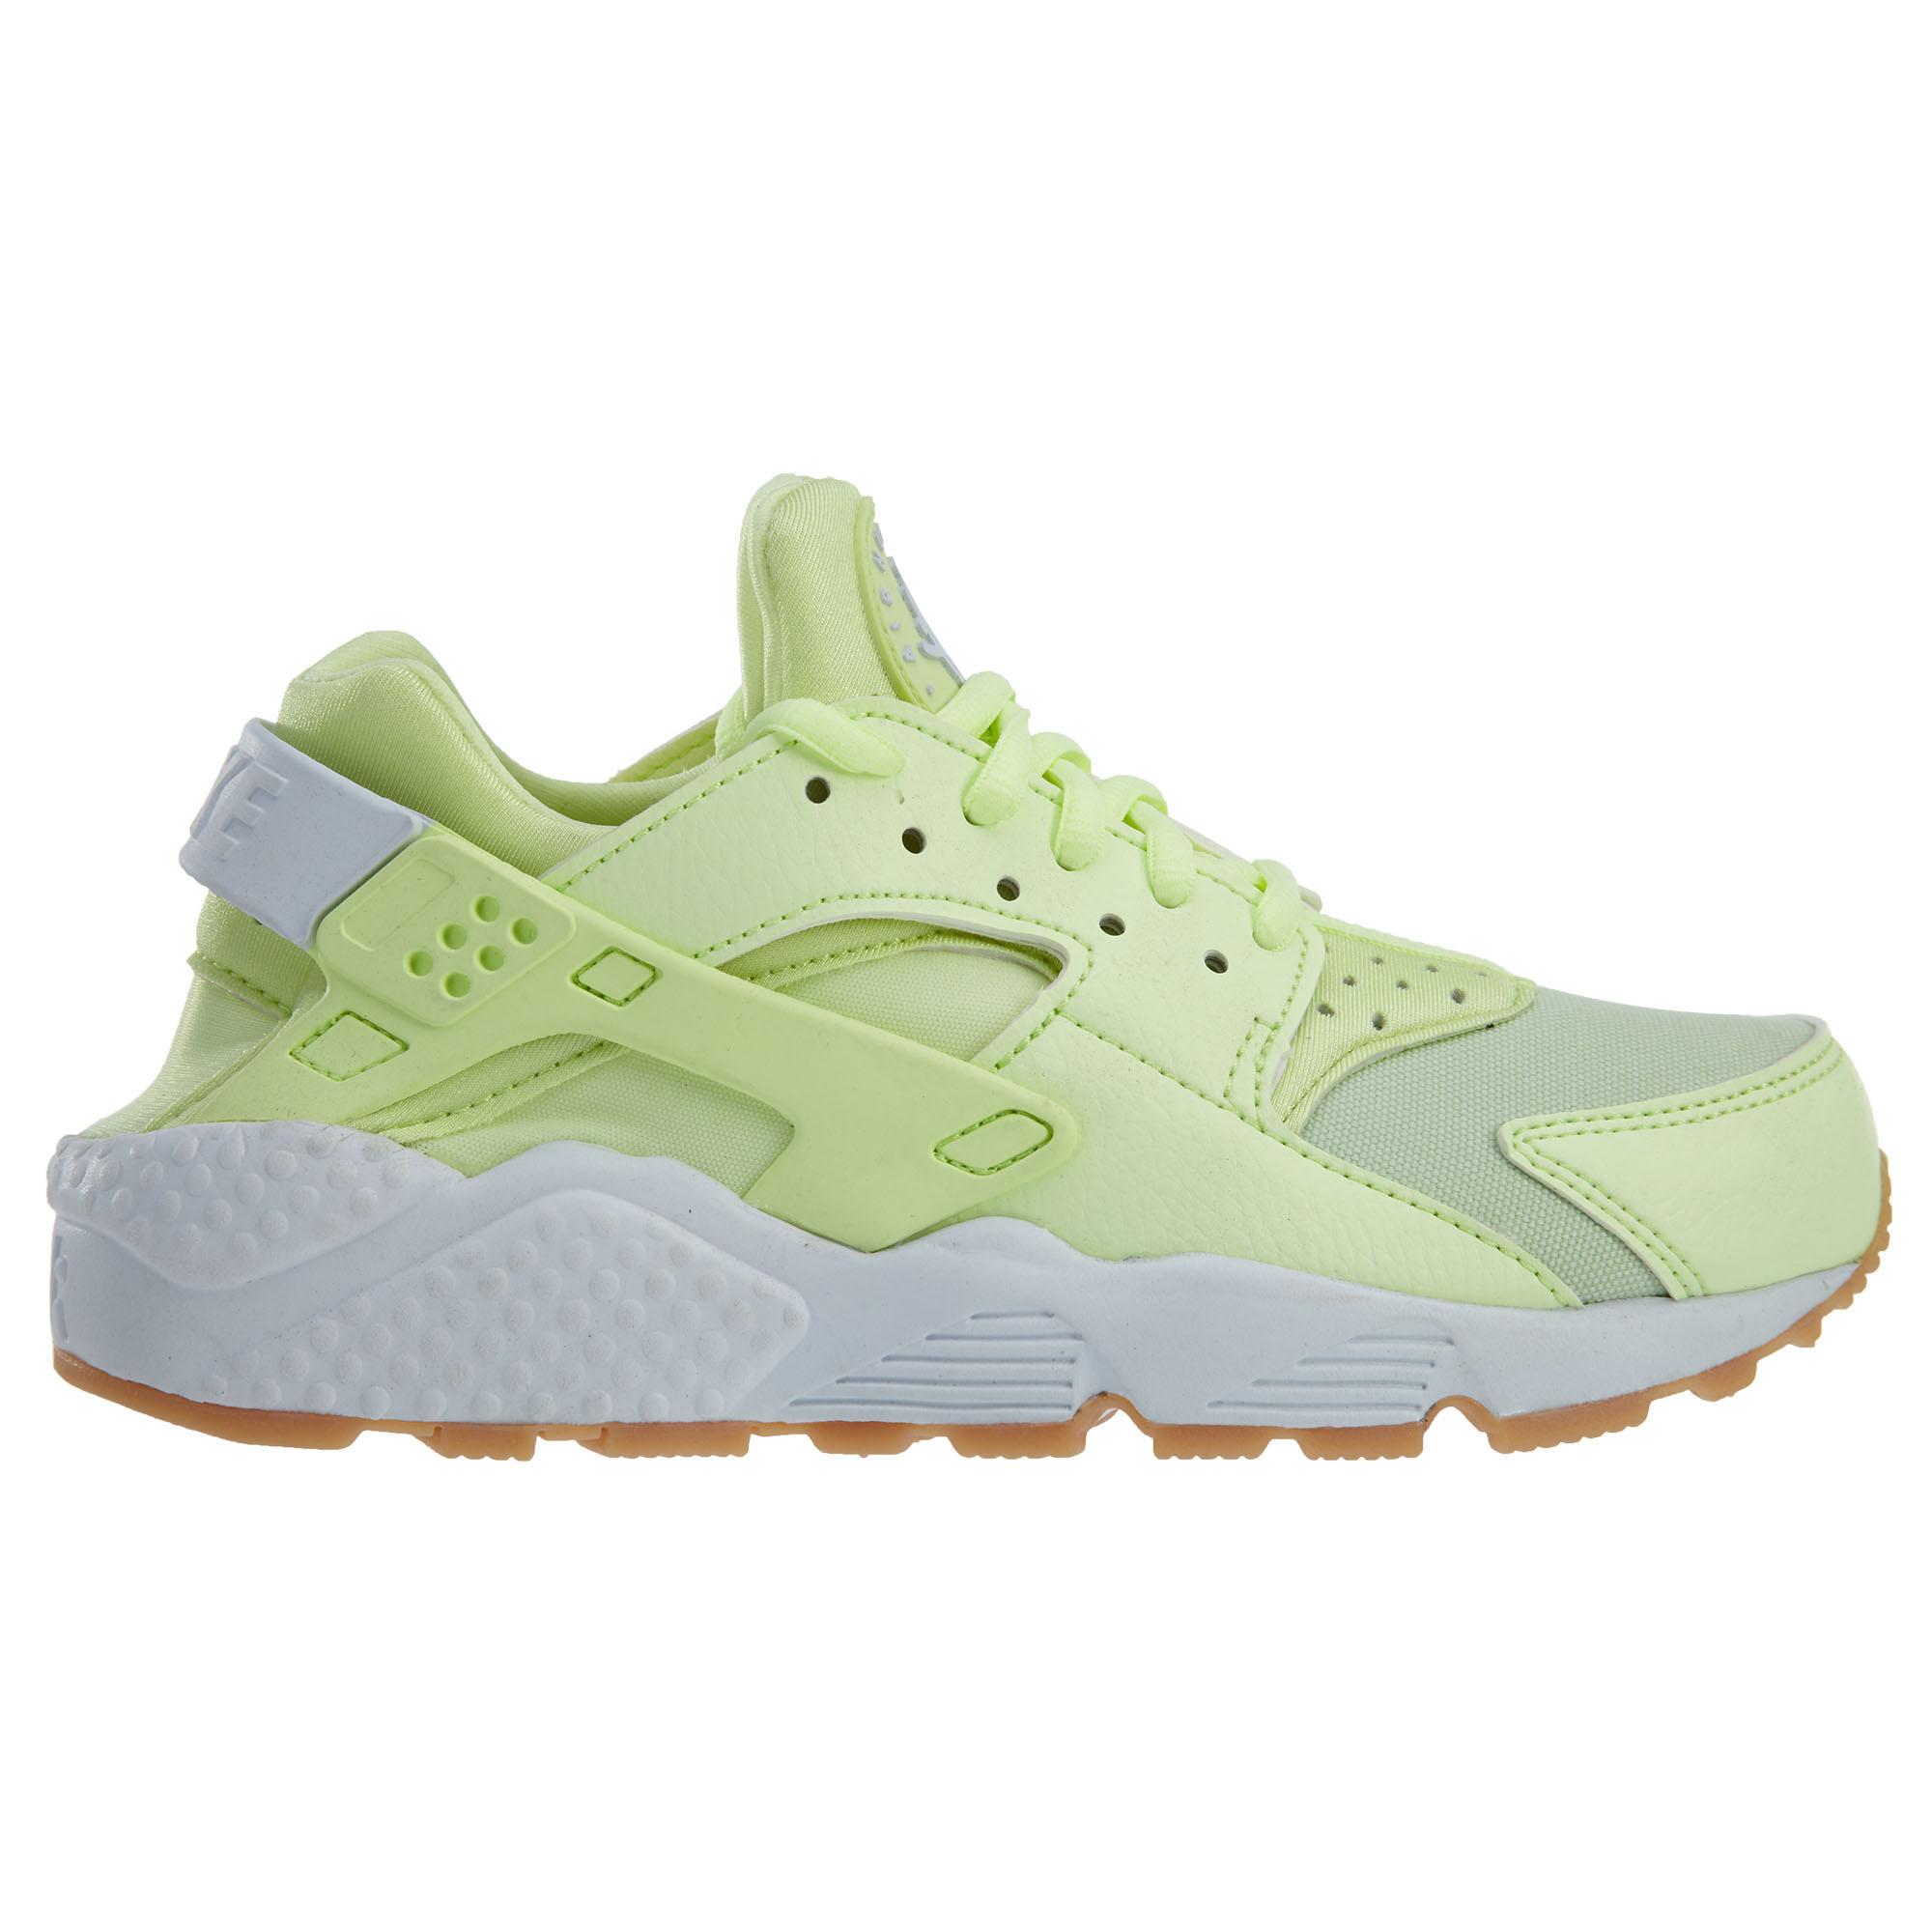 Nike Air Huarache Run Barely Volt White